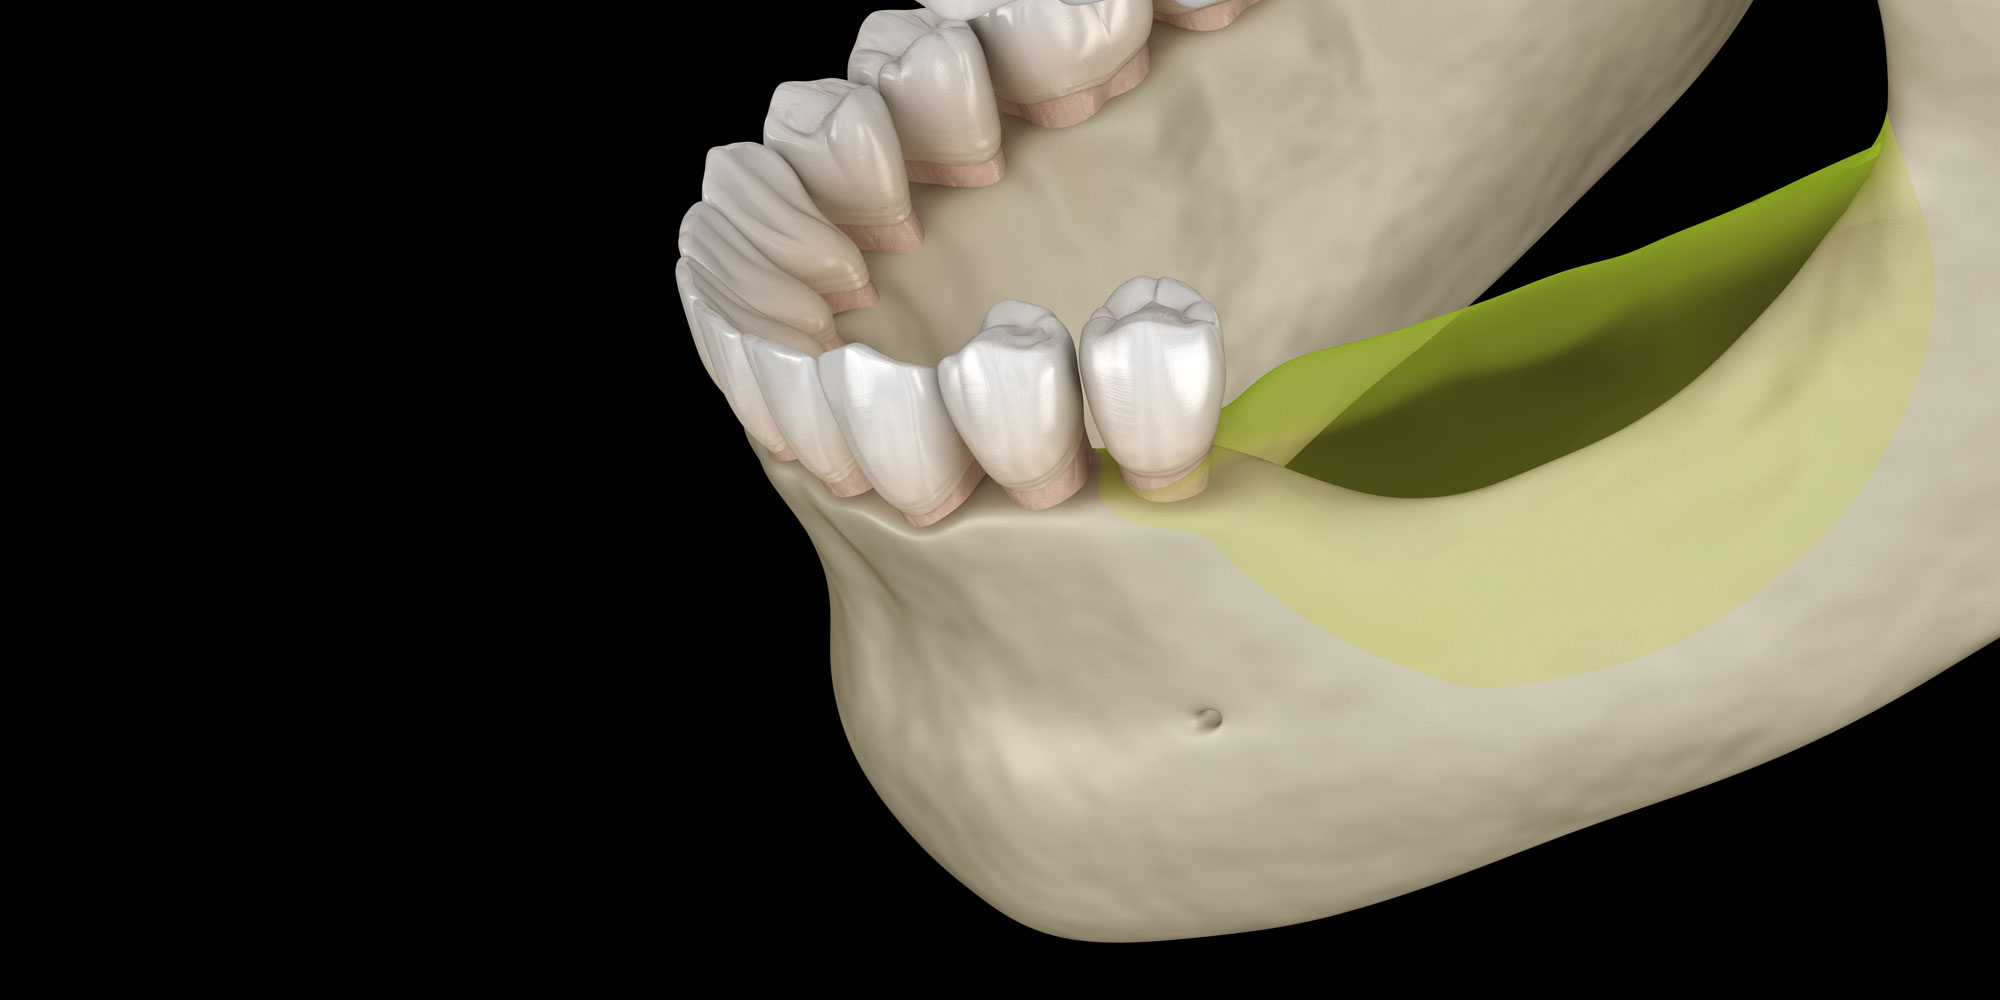 jaw bone loss